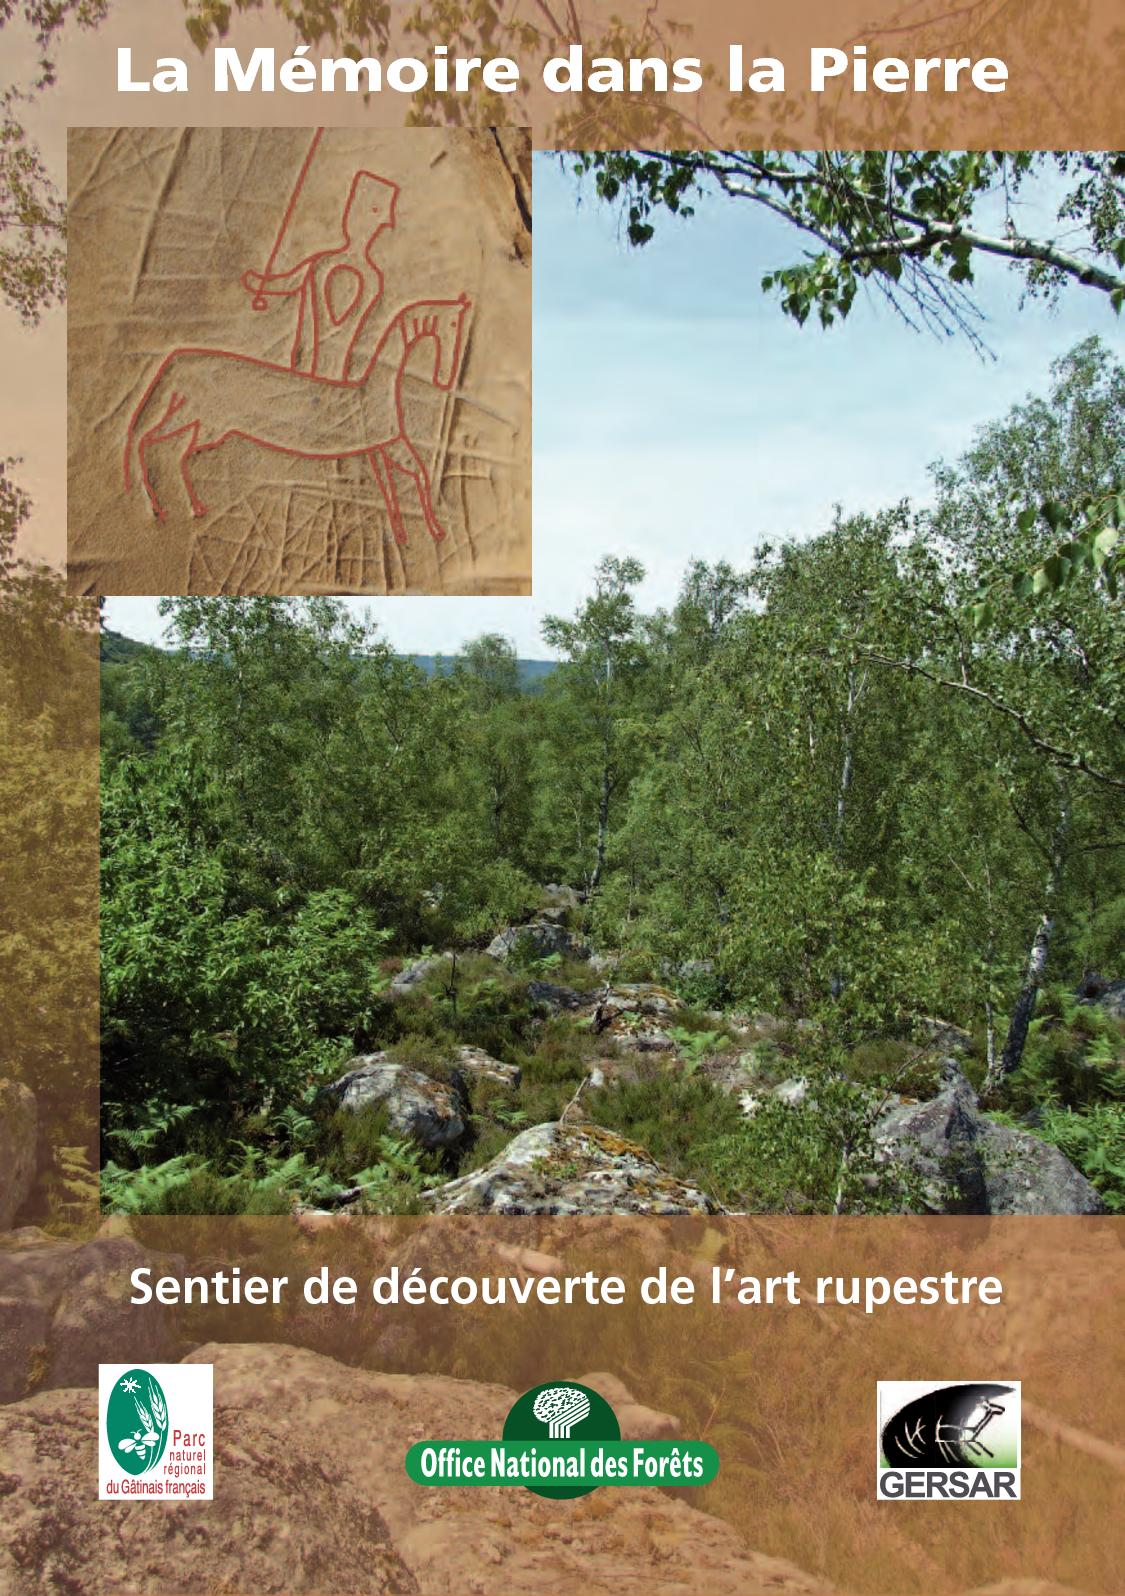 Sentier Mémoire dans la pierre au Vaudoué